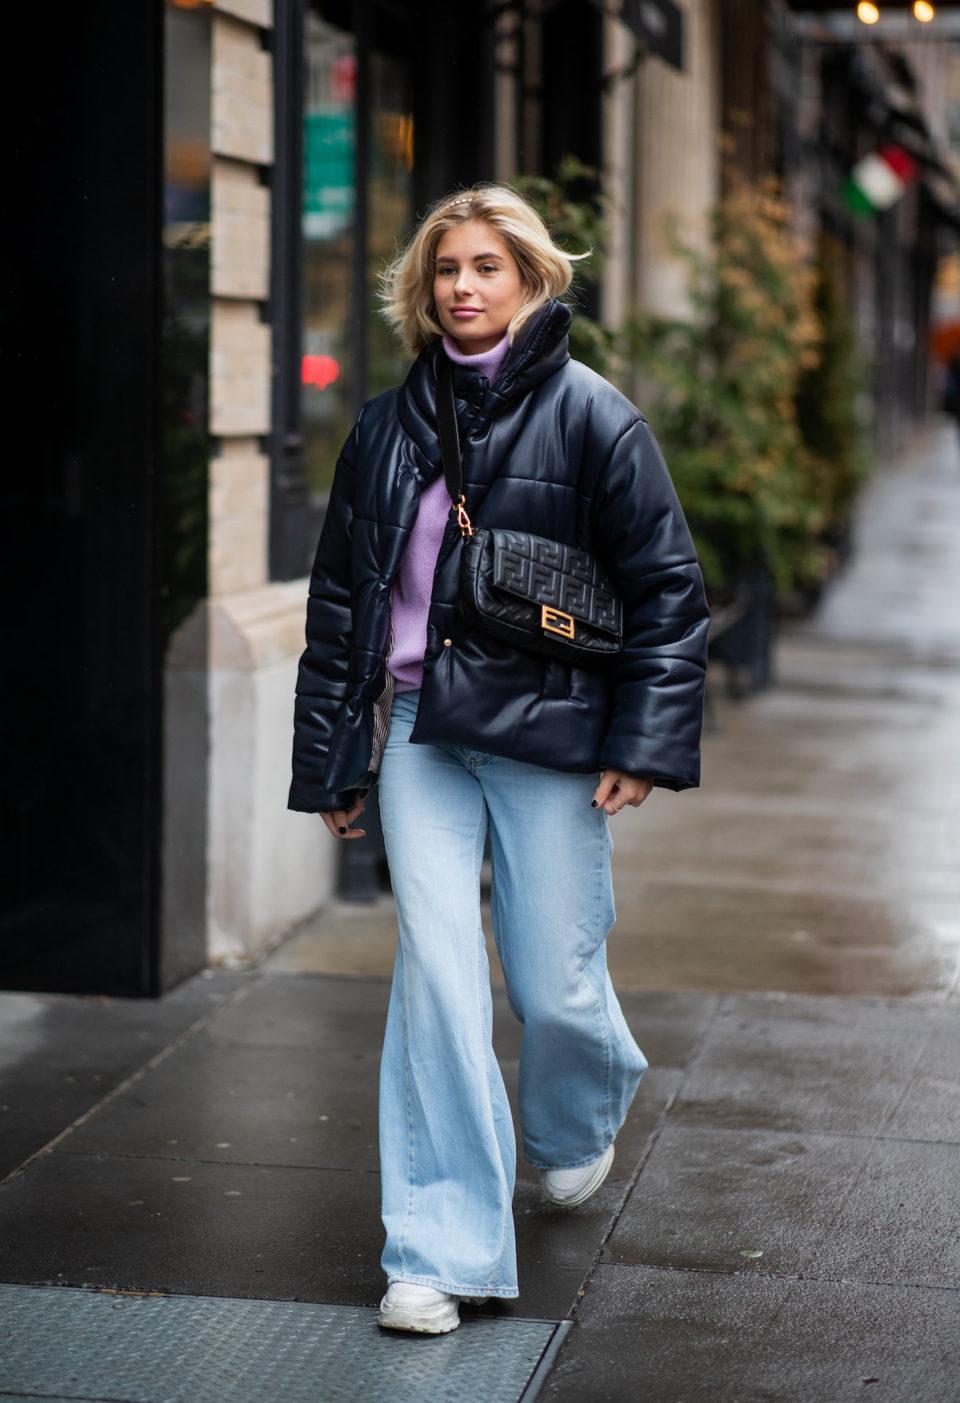 Вещи, которые сделают фигуру стройнее: джинсы-клеш